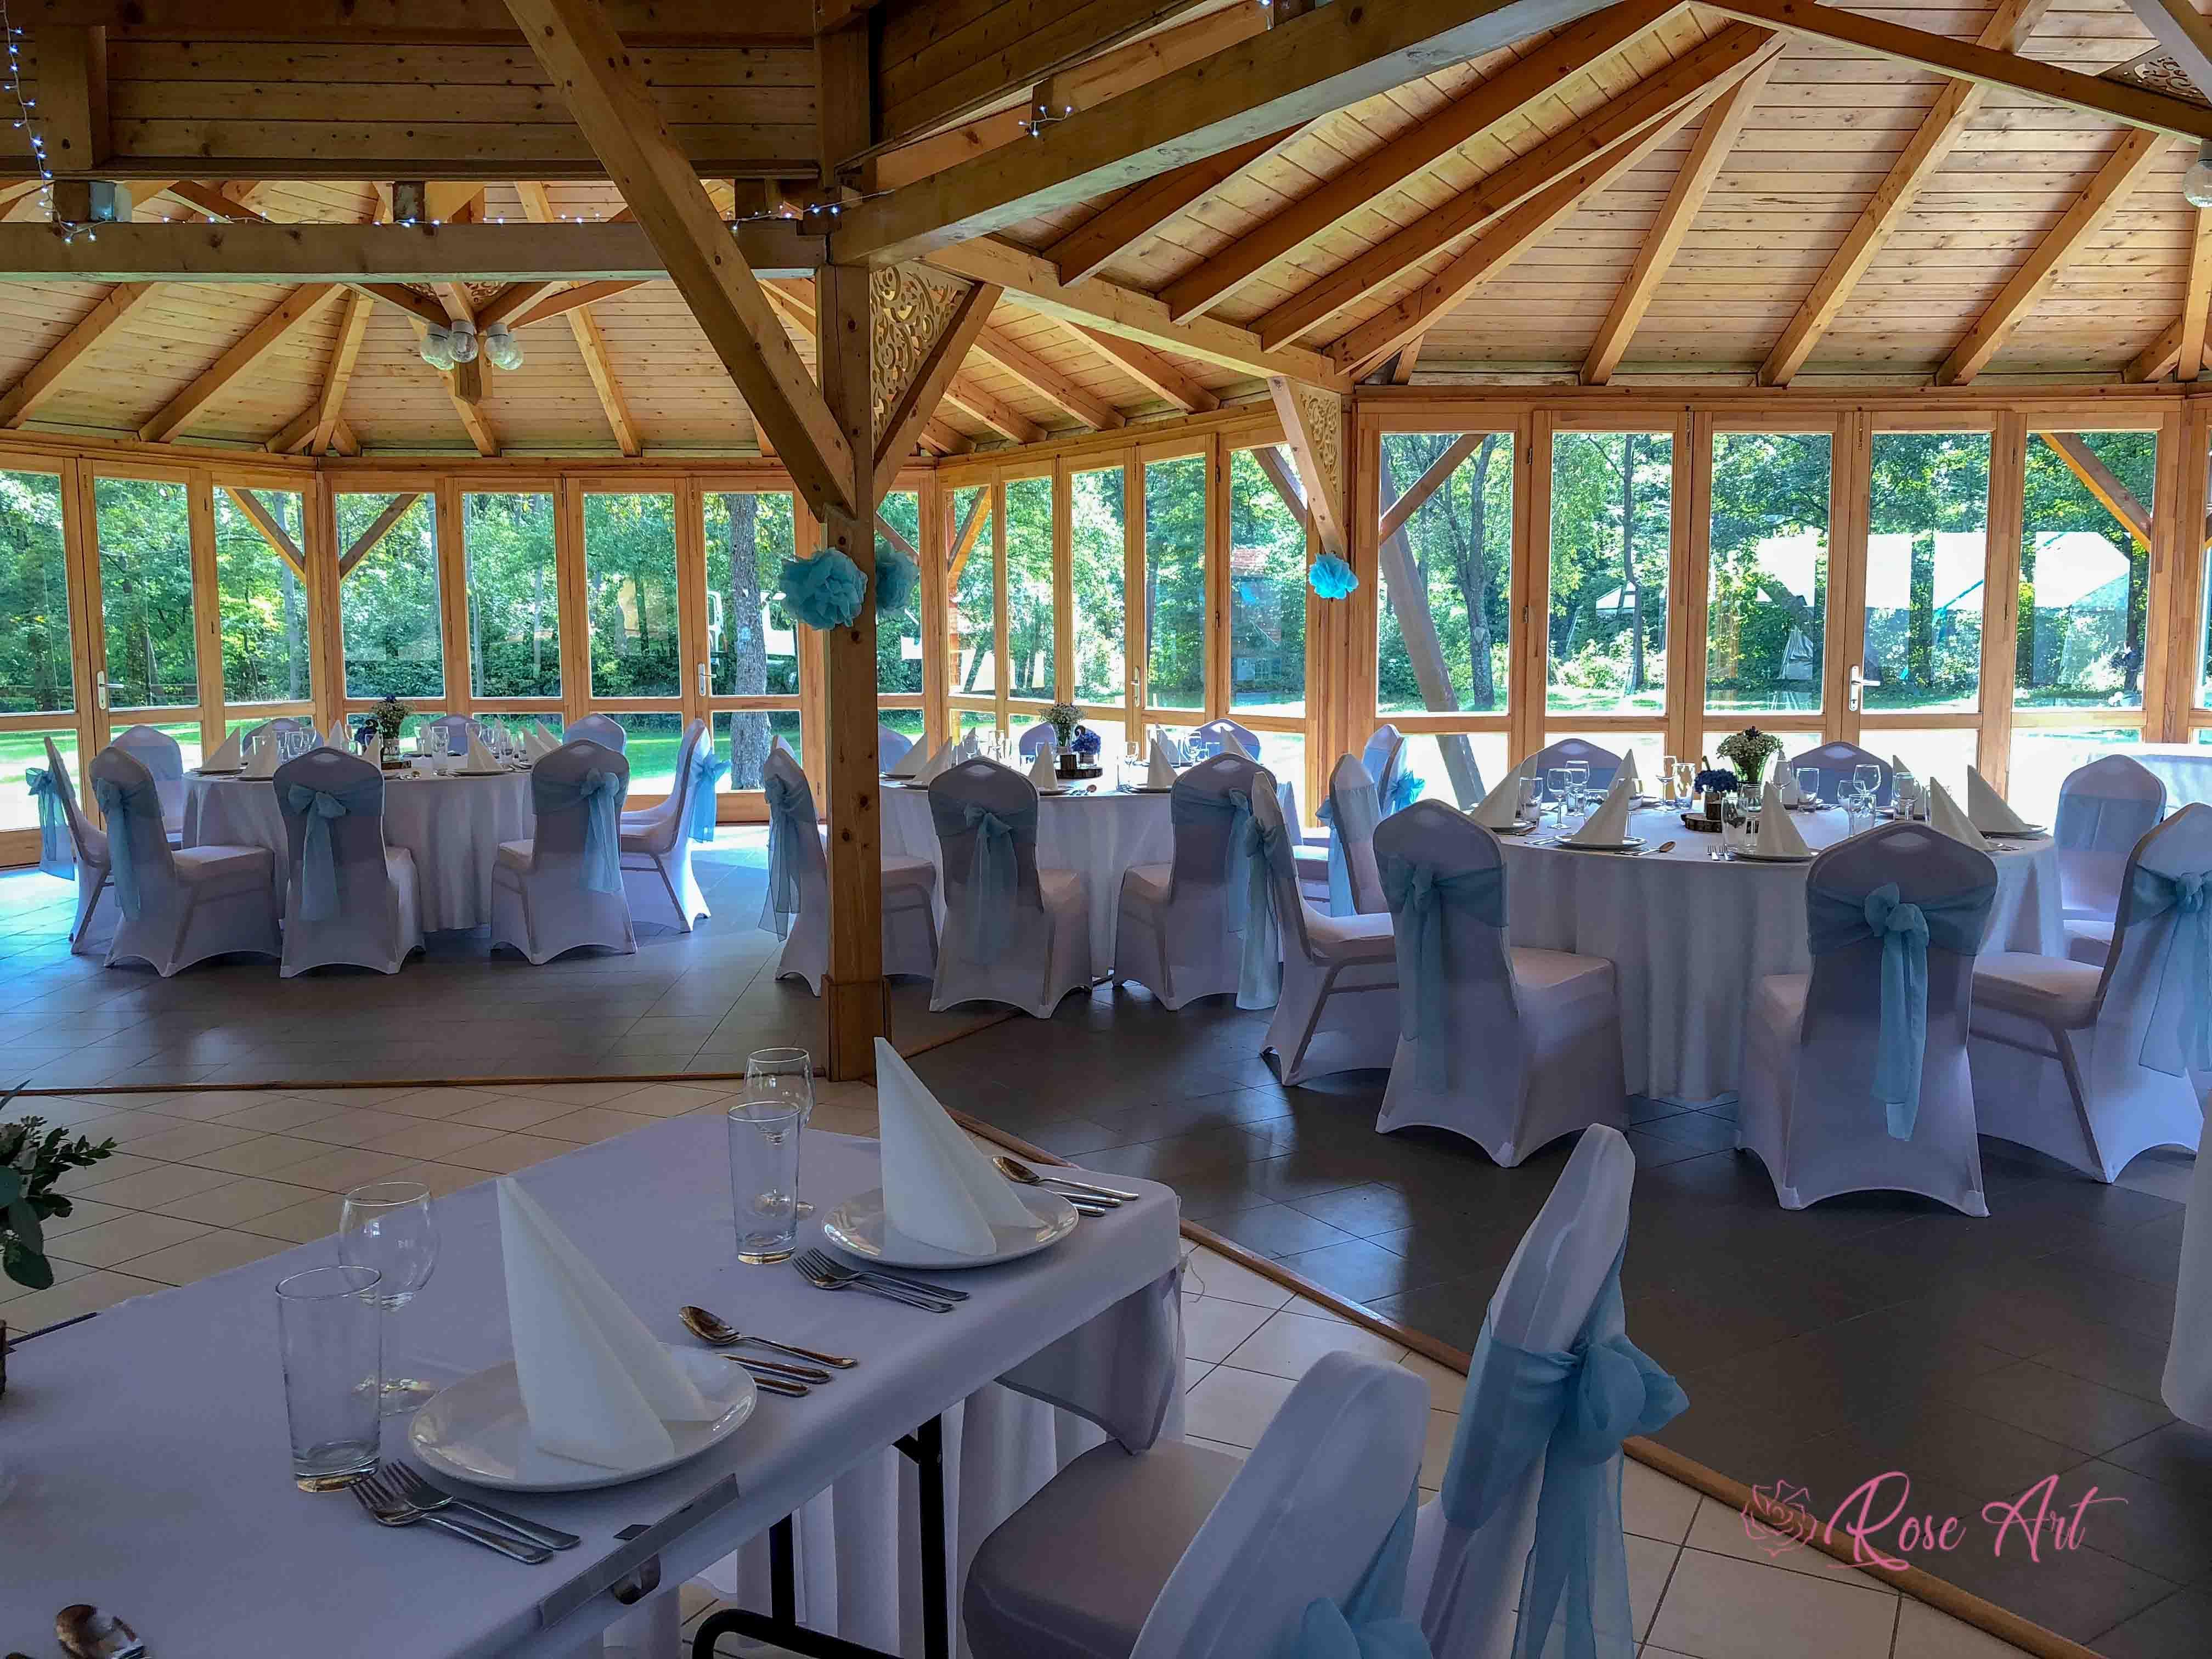 RoseArt Esküvő Pasztell Kék Faház Kert